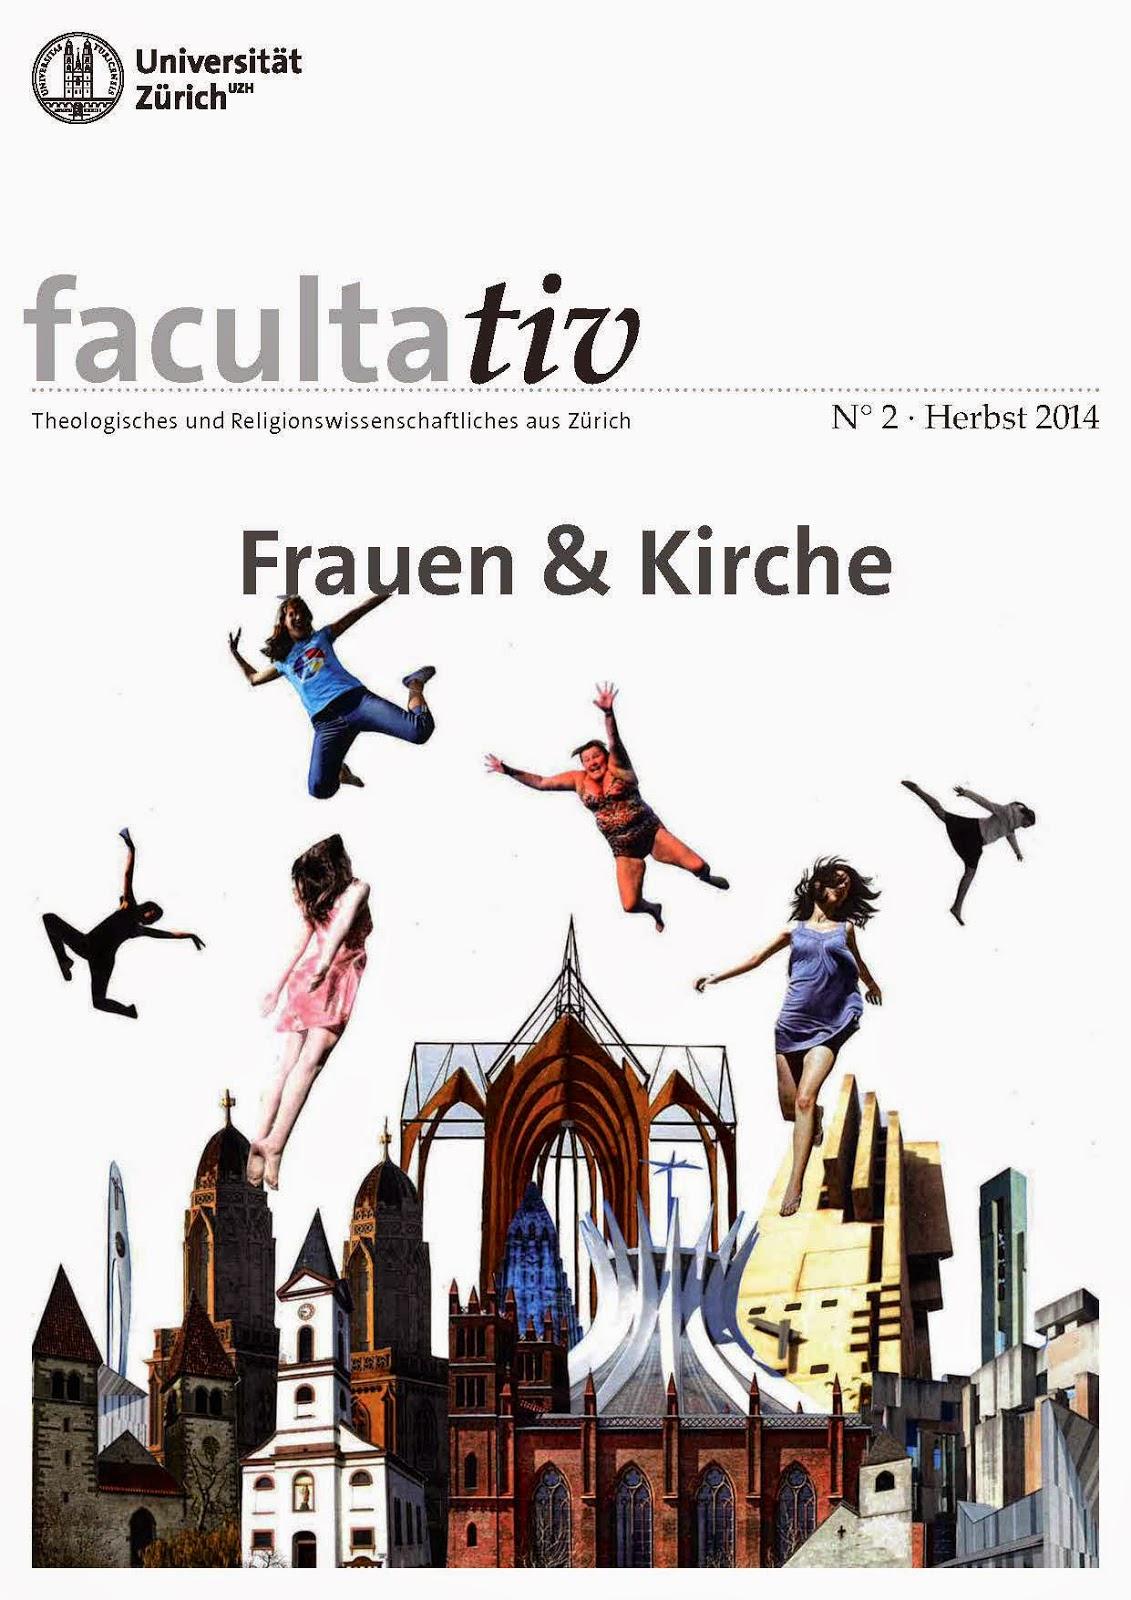 http://www.theologie.uzh.ch/fakultaet/dienstleistungen/oeffentlichkeitsarbeit/facultativ_02_2014_web.pdf